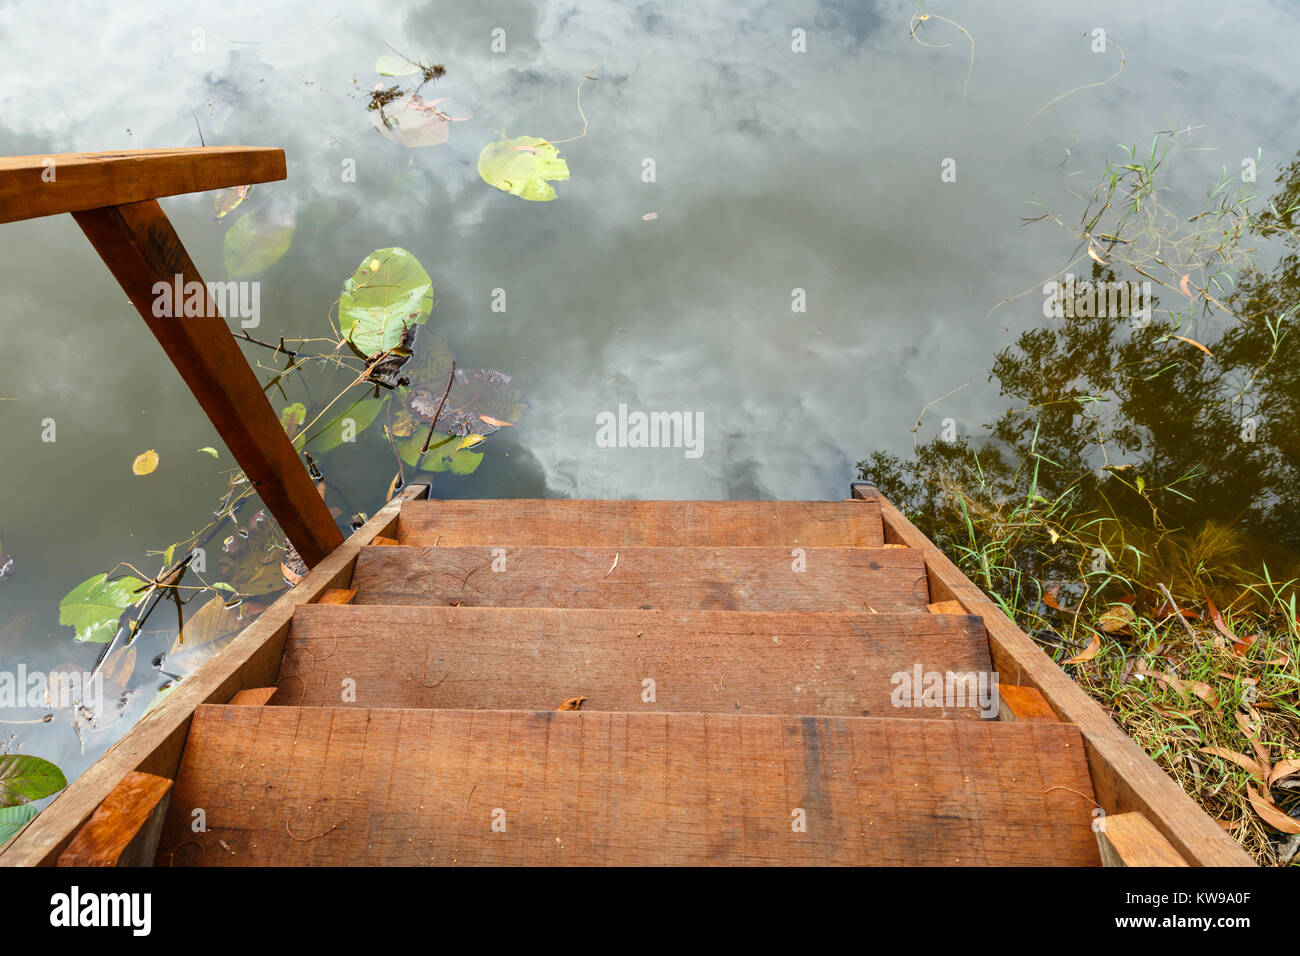 Holzleiter für Schwimmen Stockbild